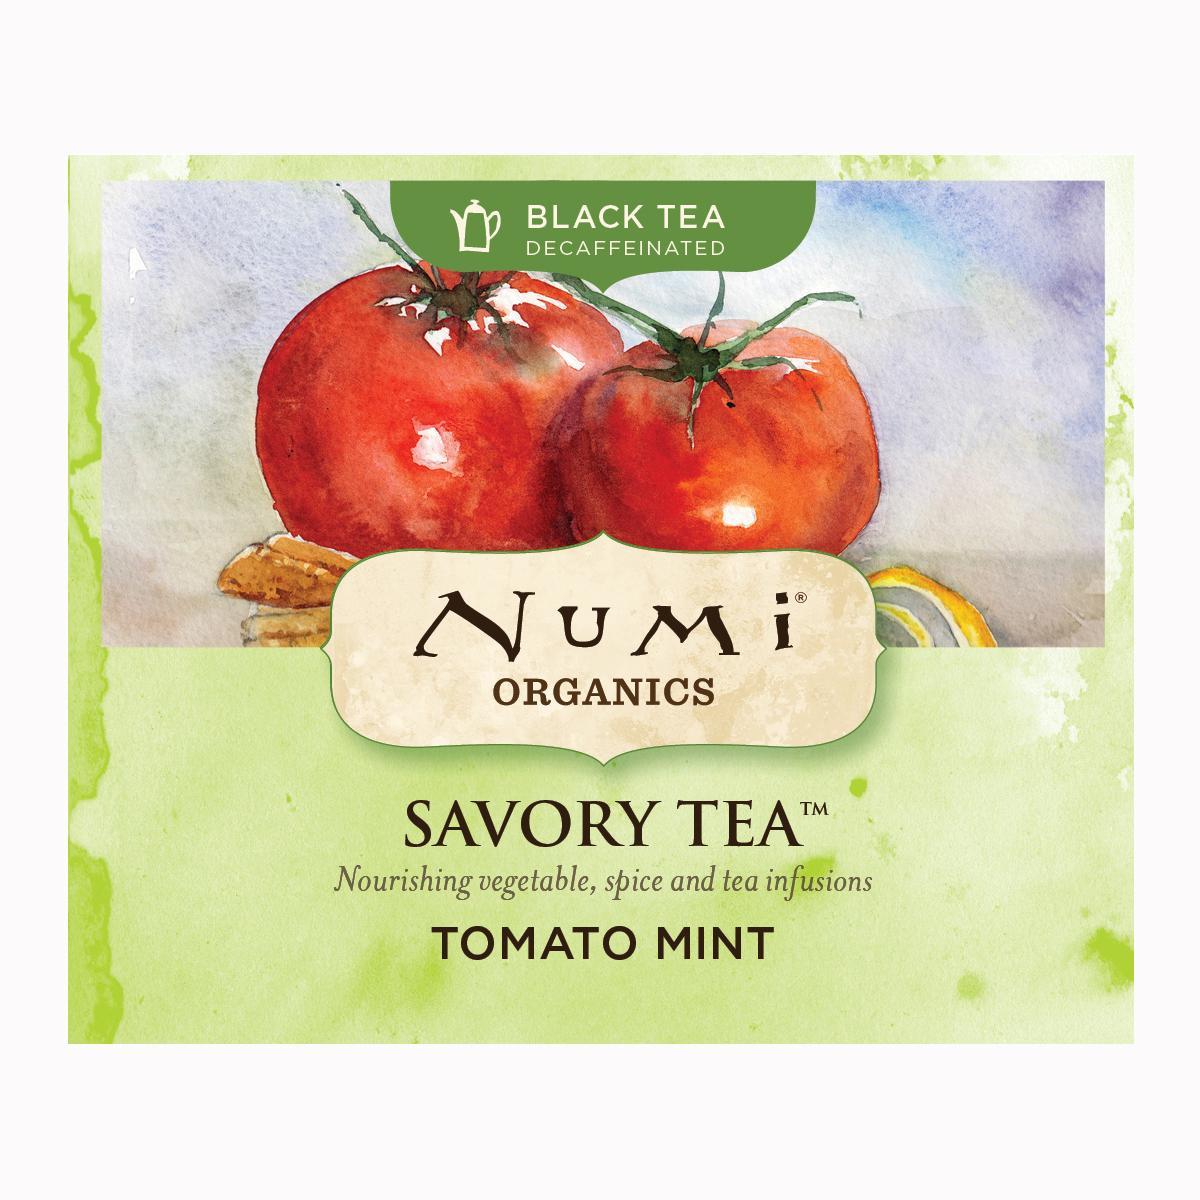 Numi Kořeněný čaj Tomato Mint, Savory Tea 1 ks, 4,4 g